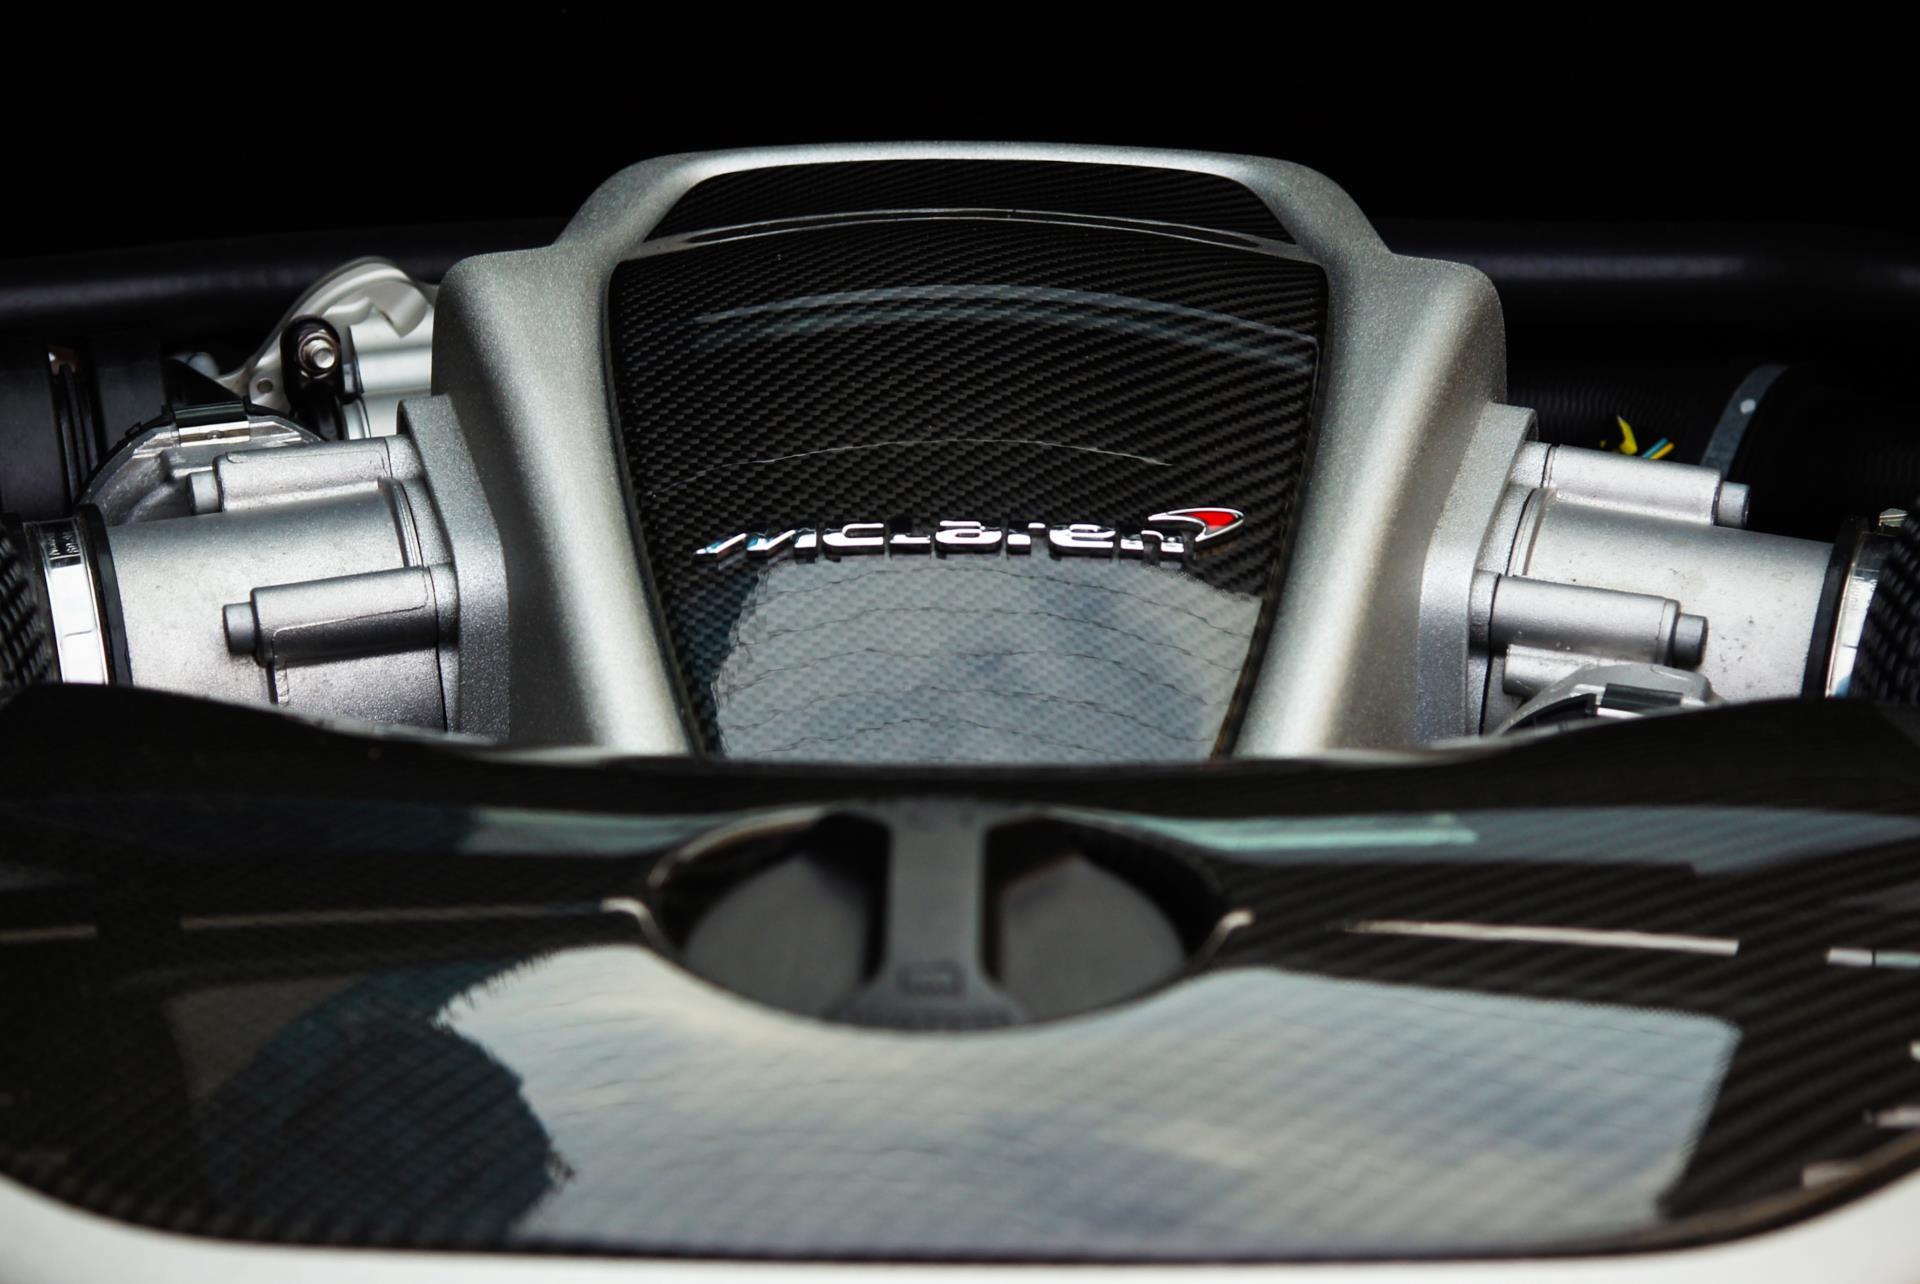 McLaren M838T engine